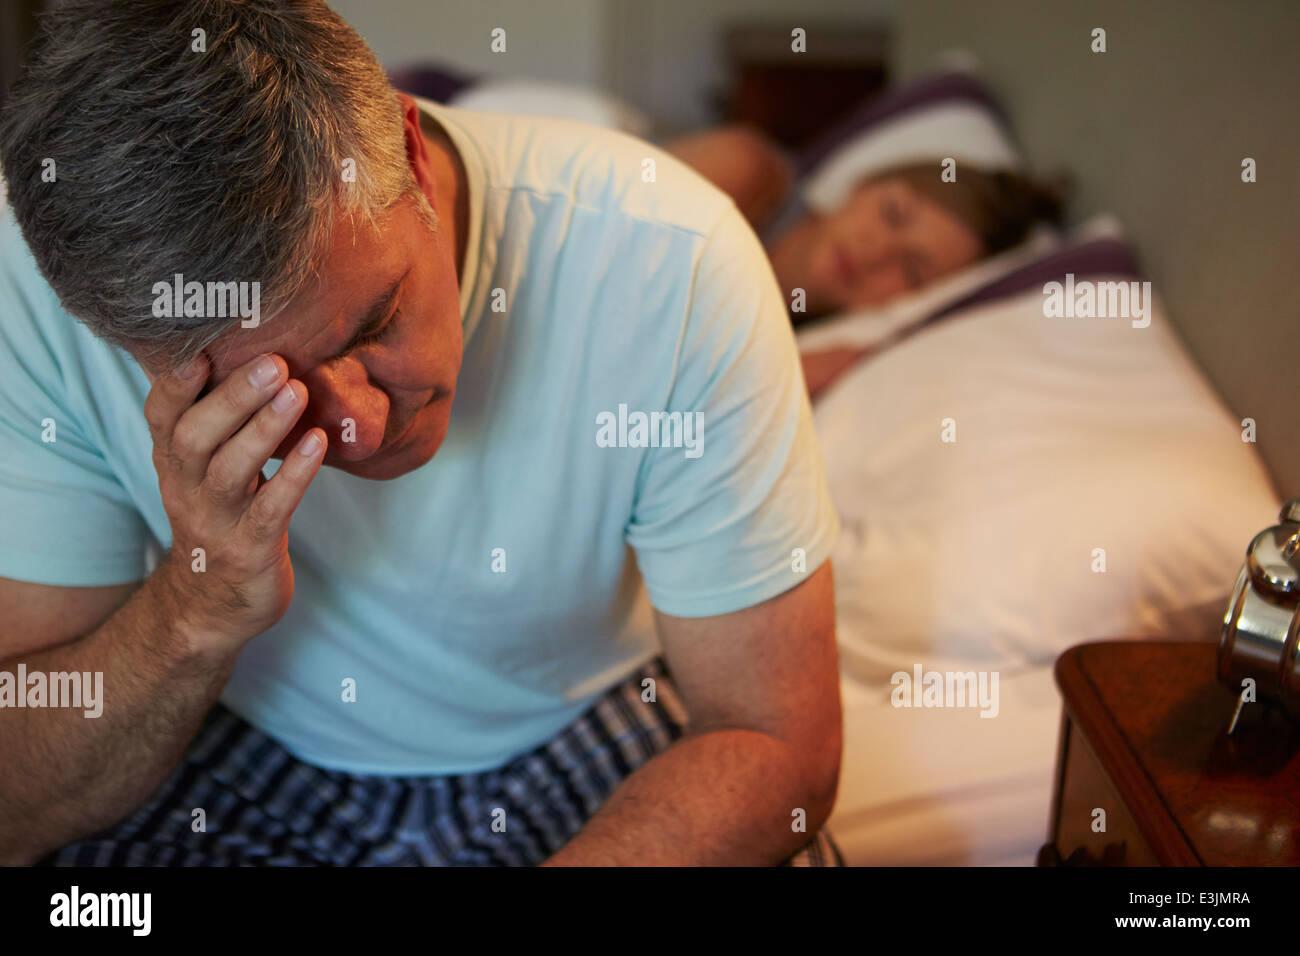 Mann wach im Bett leiden mit Schlaflosigkeit Stockbild